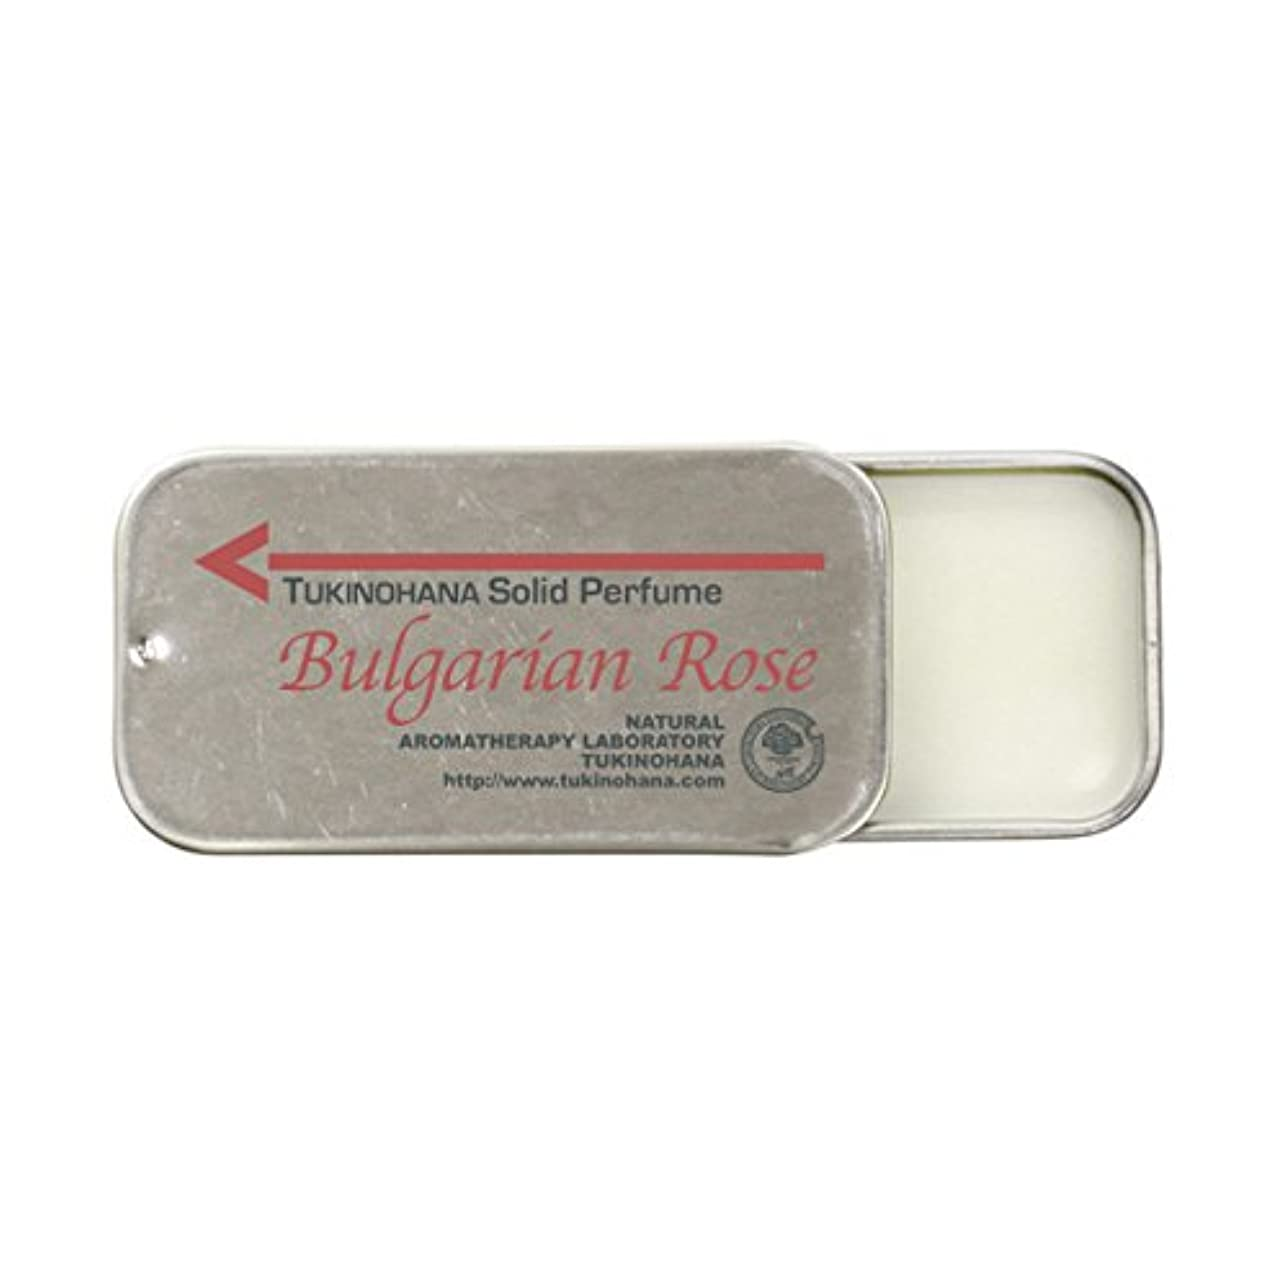 説明するによるとインレイ【アロマソリッドパフューム】ブルガリアンローズの練り香水